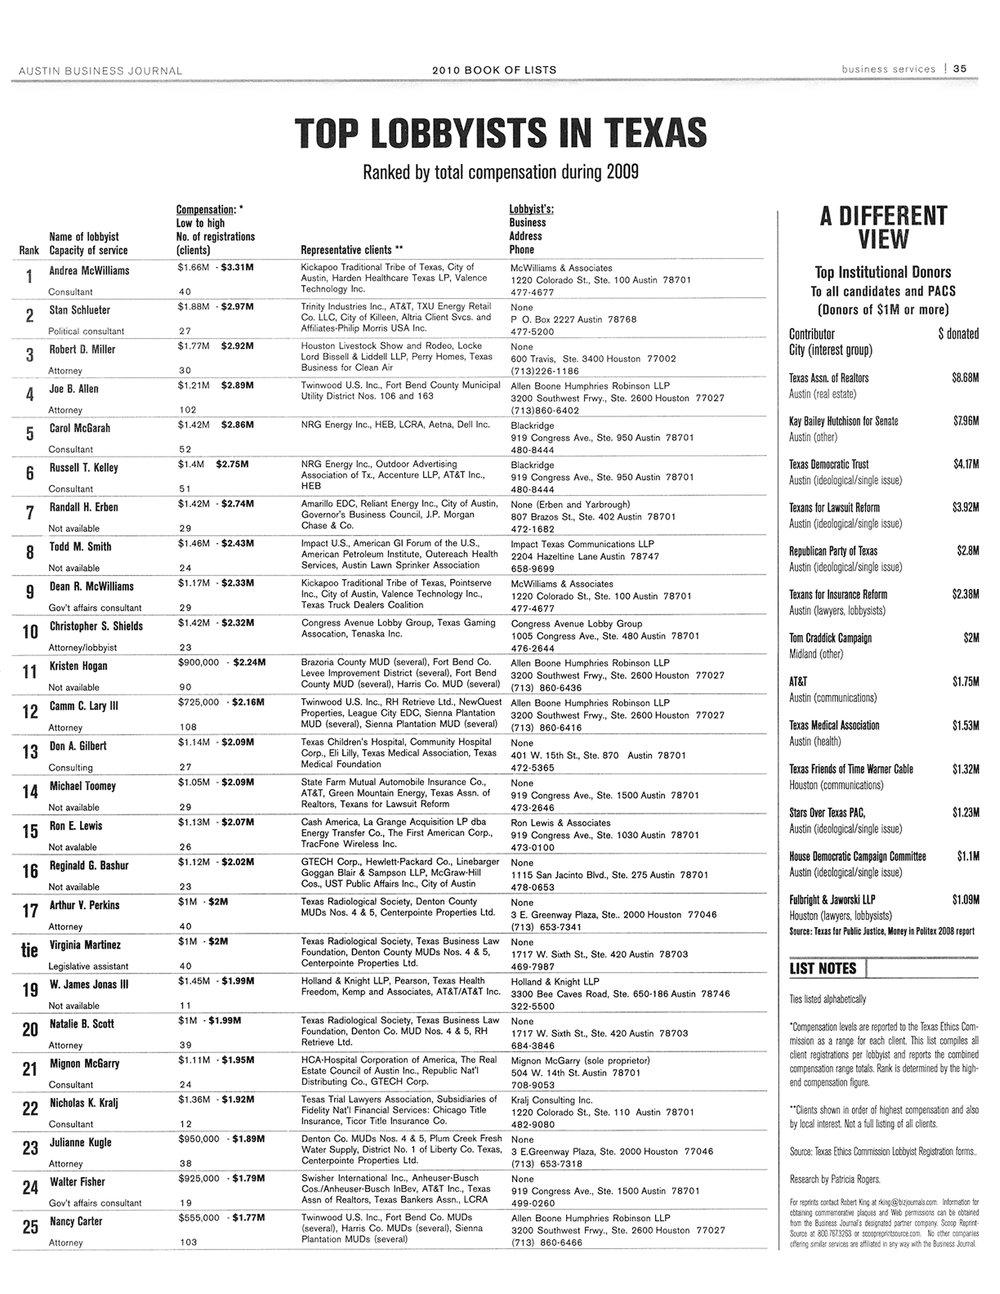 Top Lobbyists in Texas